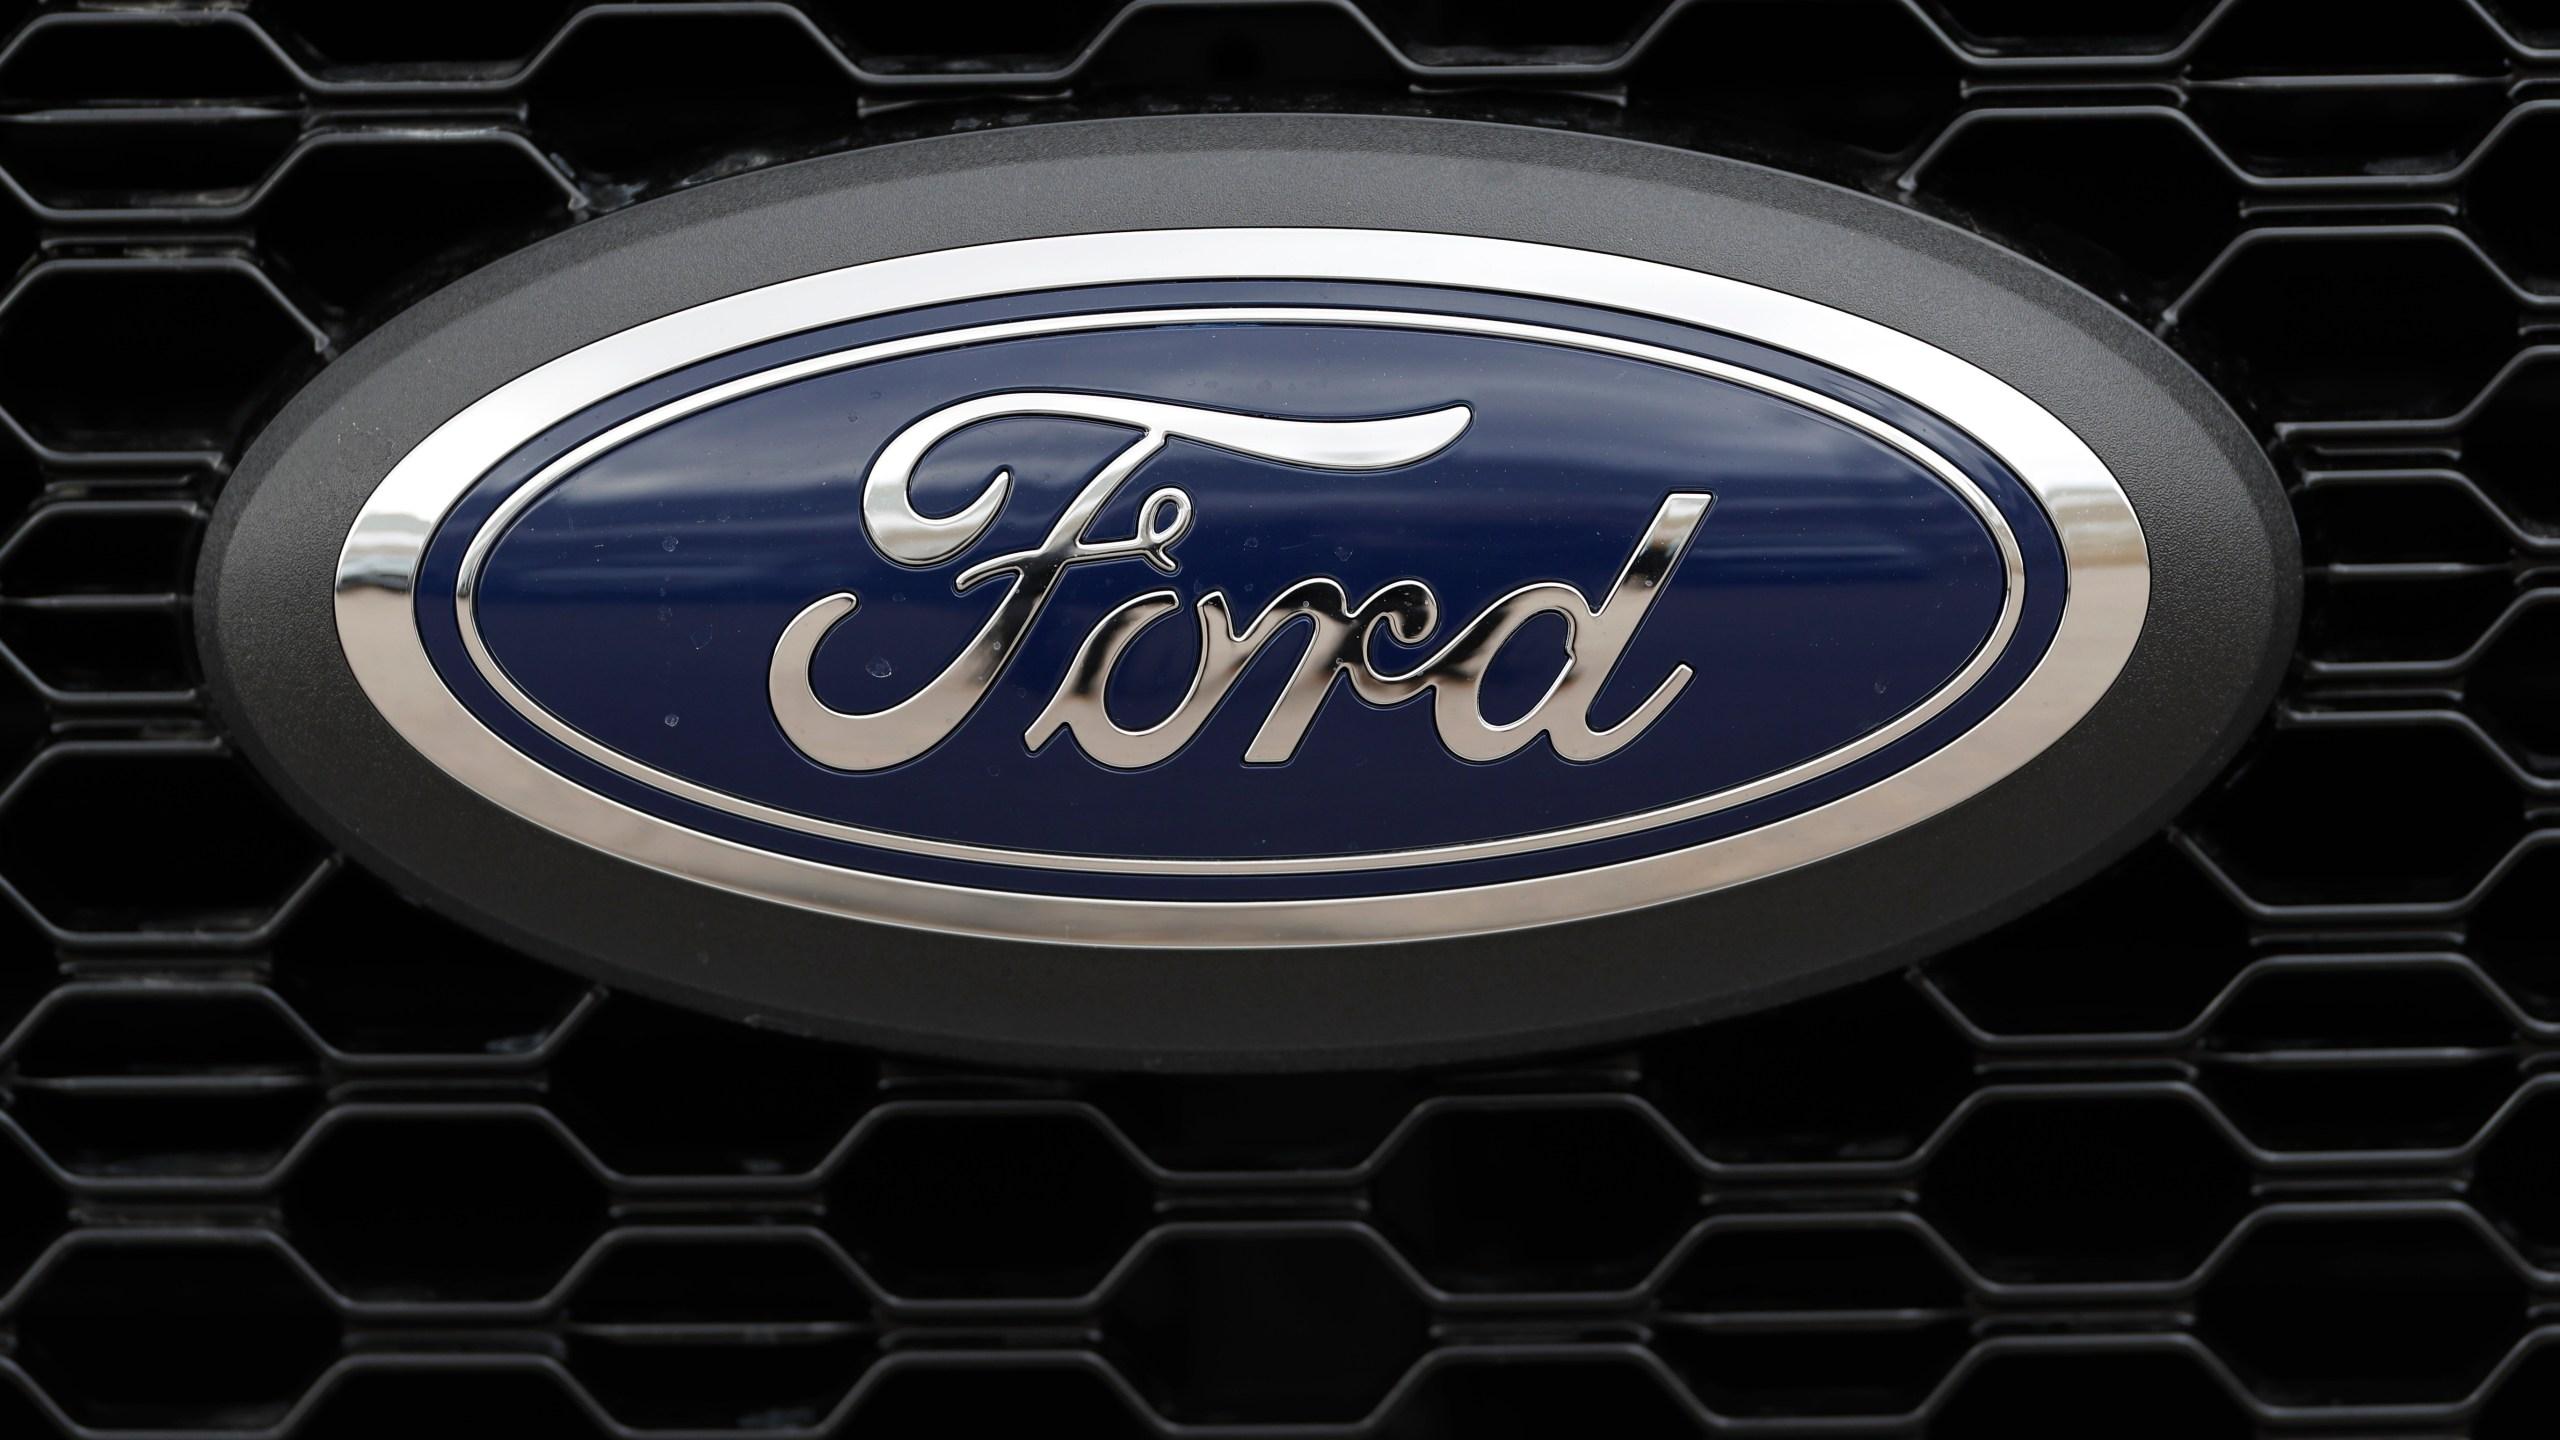 Ford_Job_Cuts_99546-159532.jpg94077591